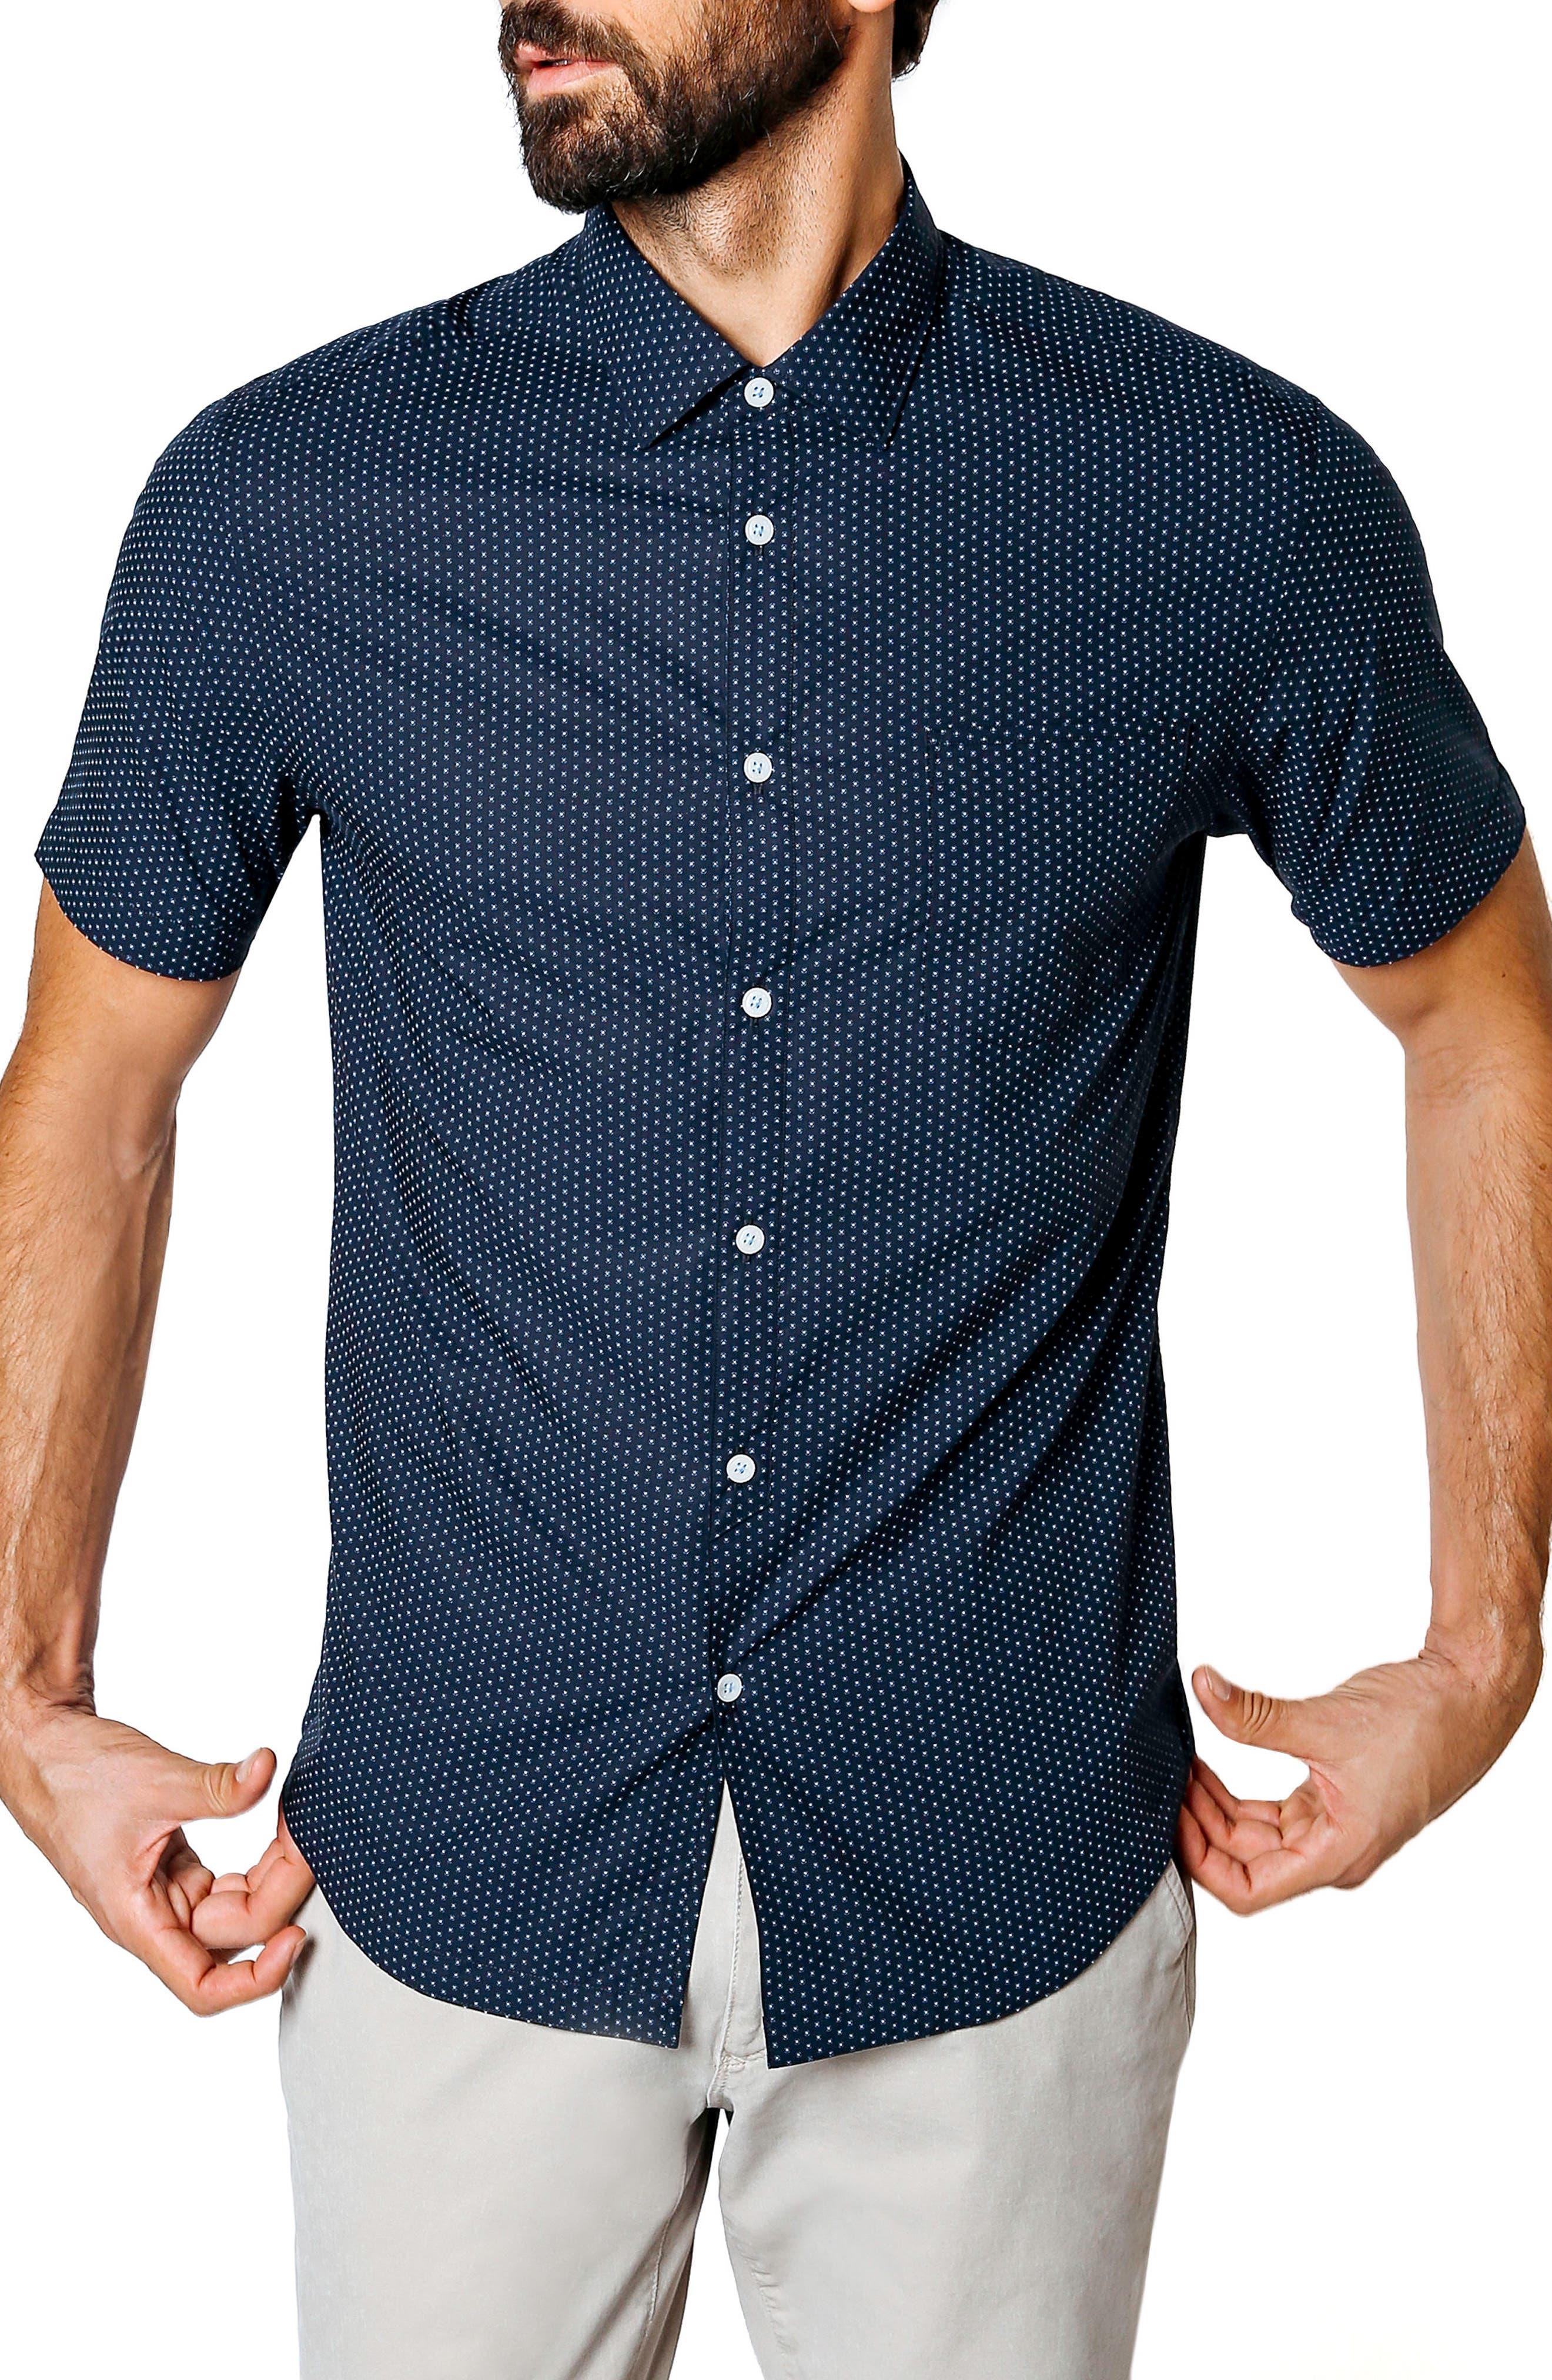 Good Man Brand Hex Dot Sport Shirt